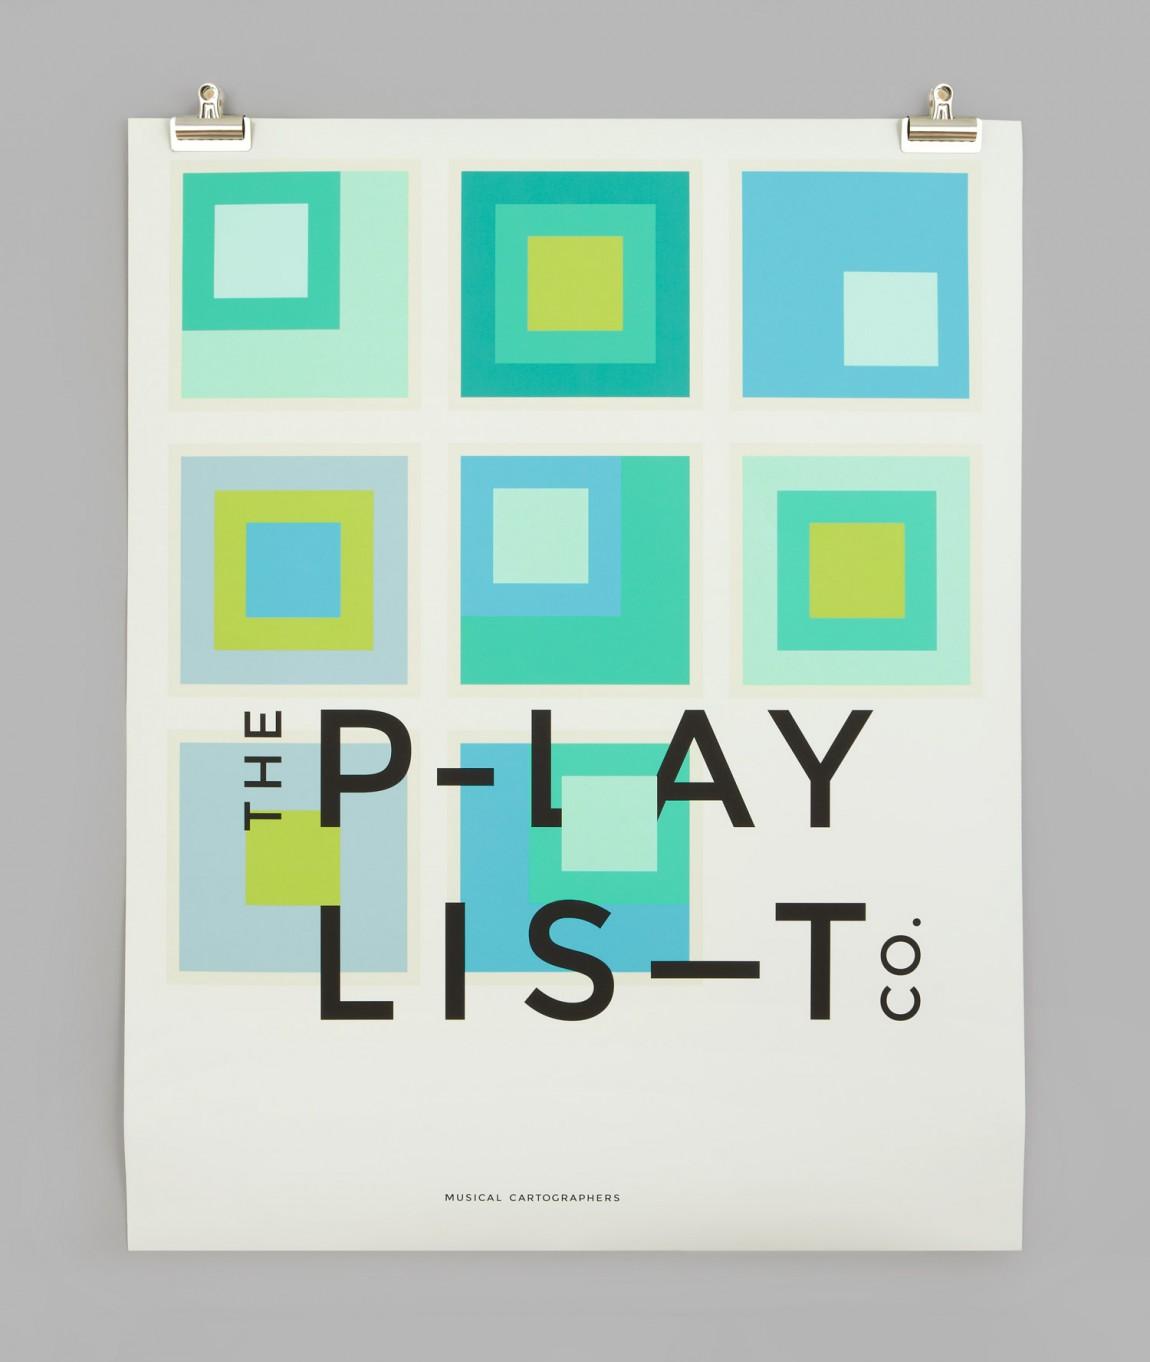 Playlist Co.音乐管理咨询服务公司品牌视觉形象设计,vi设计,招贴设计